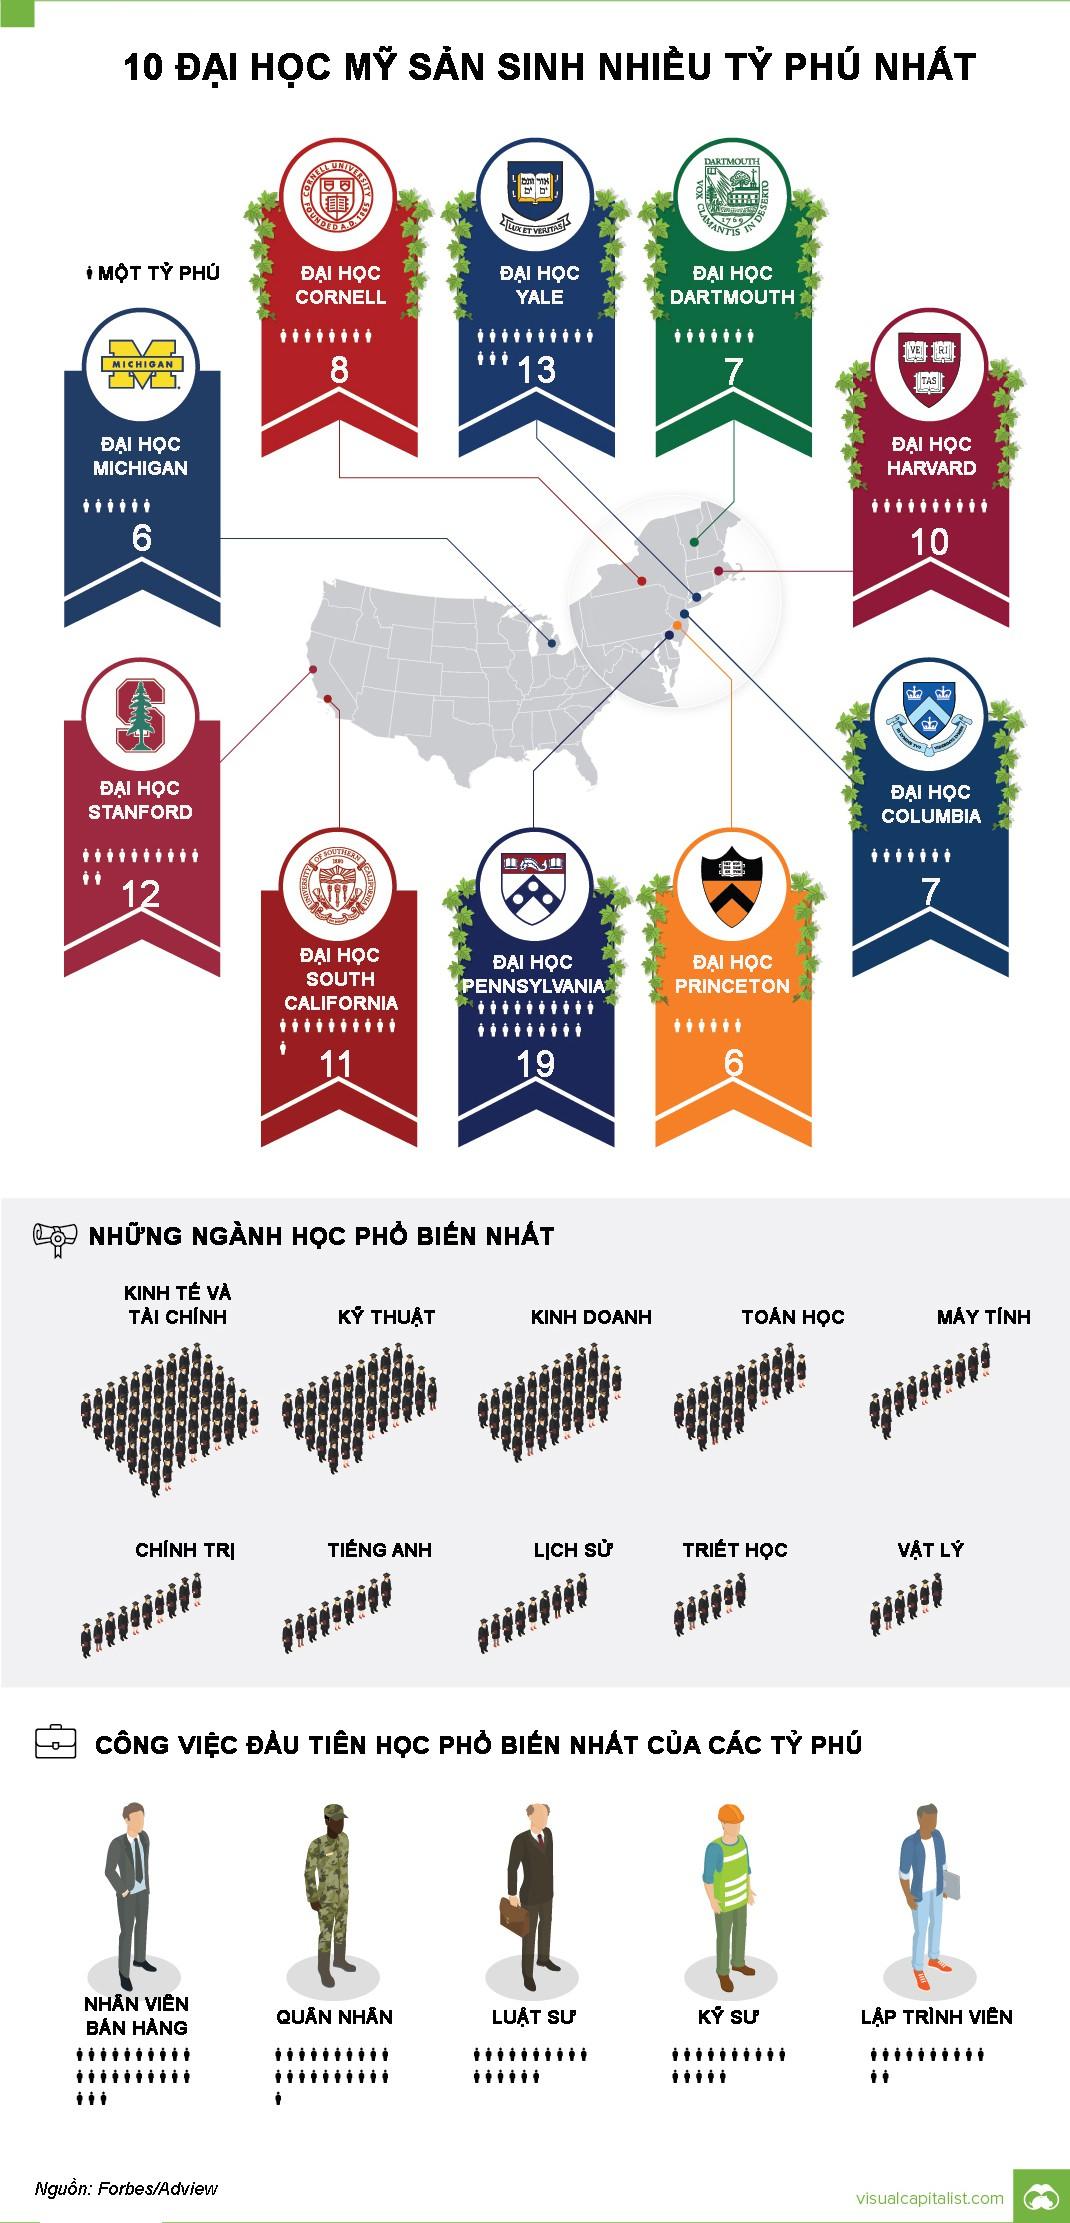 10 đại học sản sinh nhiều tỷ phú nhất tại Mỹ Ảnh 1